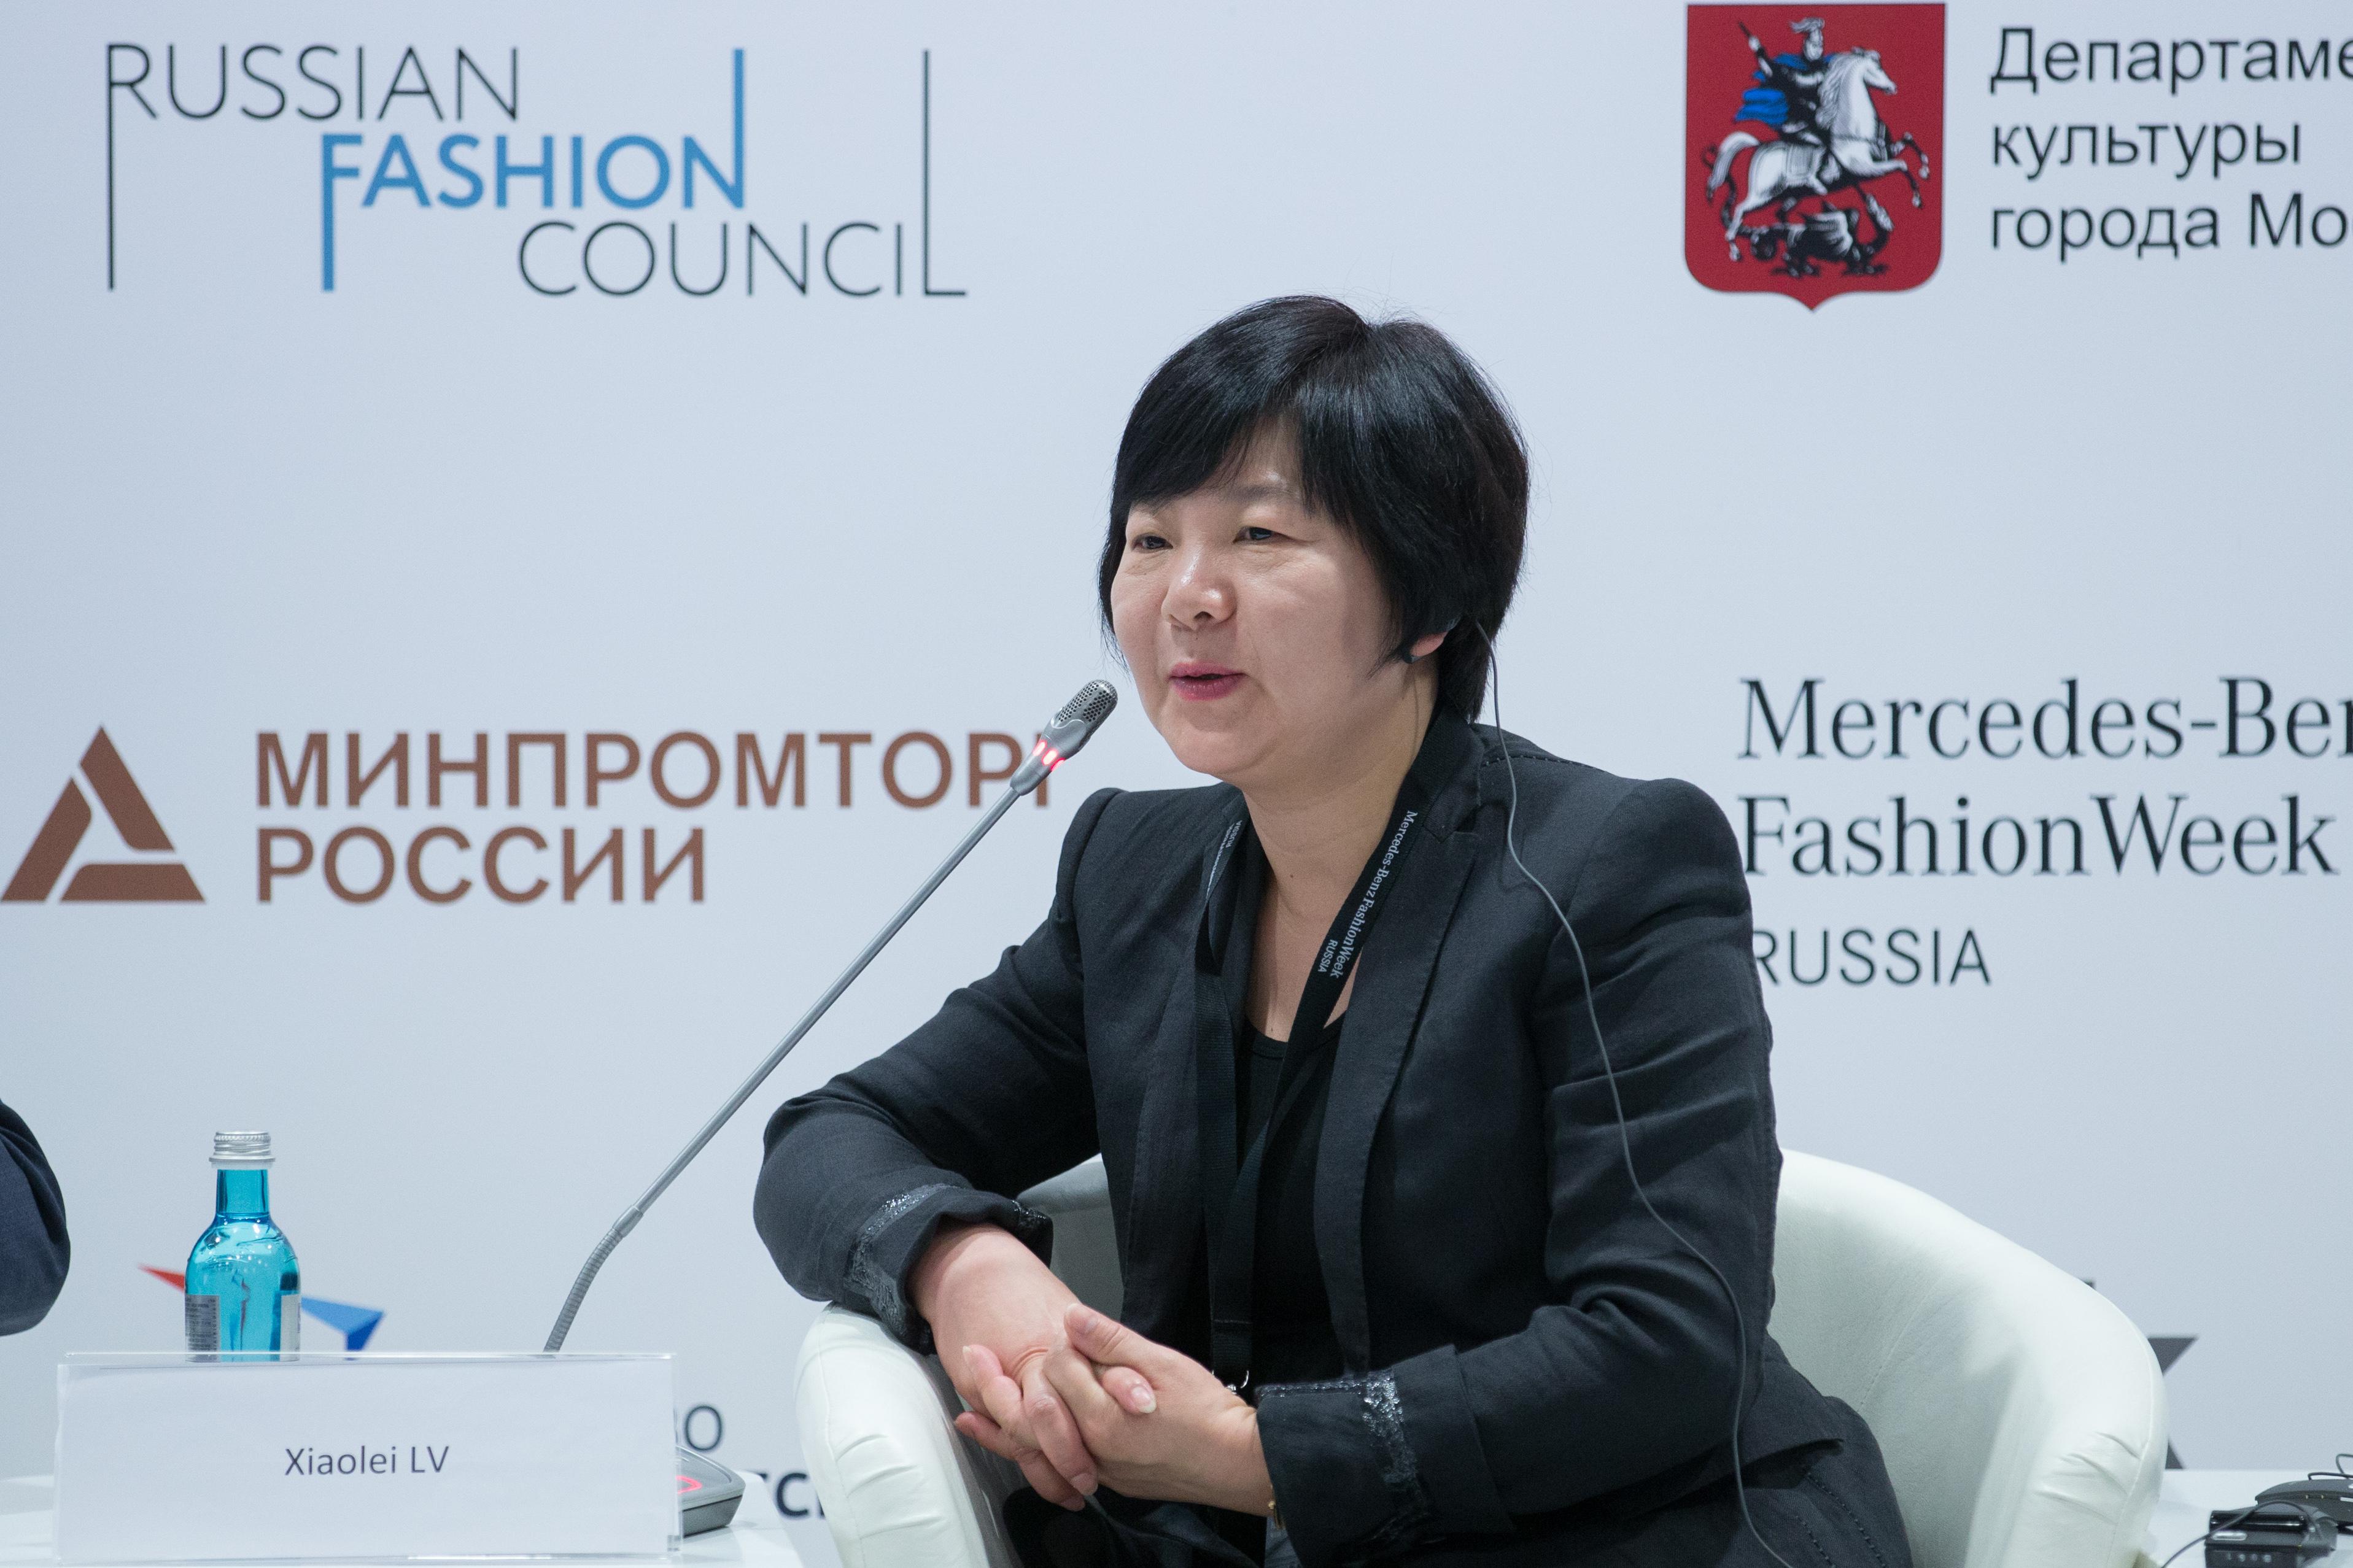 时装周的未来会怎样?上海时装周组委会副秘书长吕晓磊对谈法国高级时装公会主席